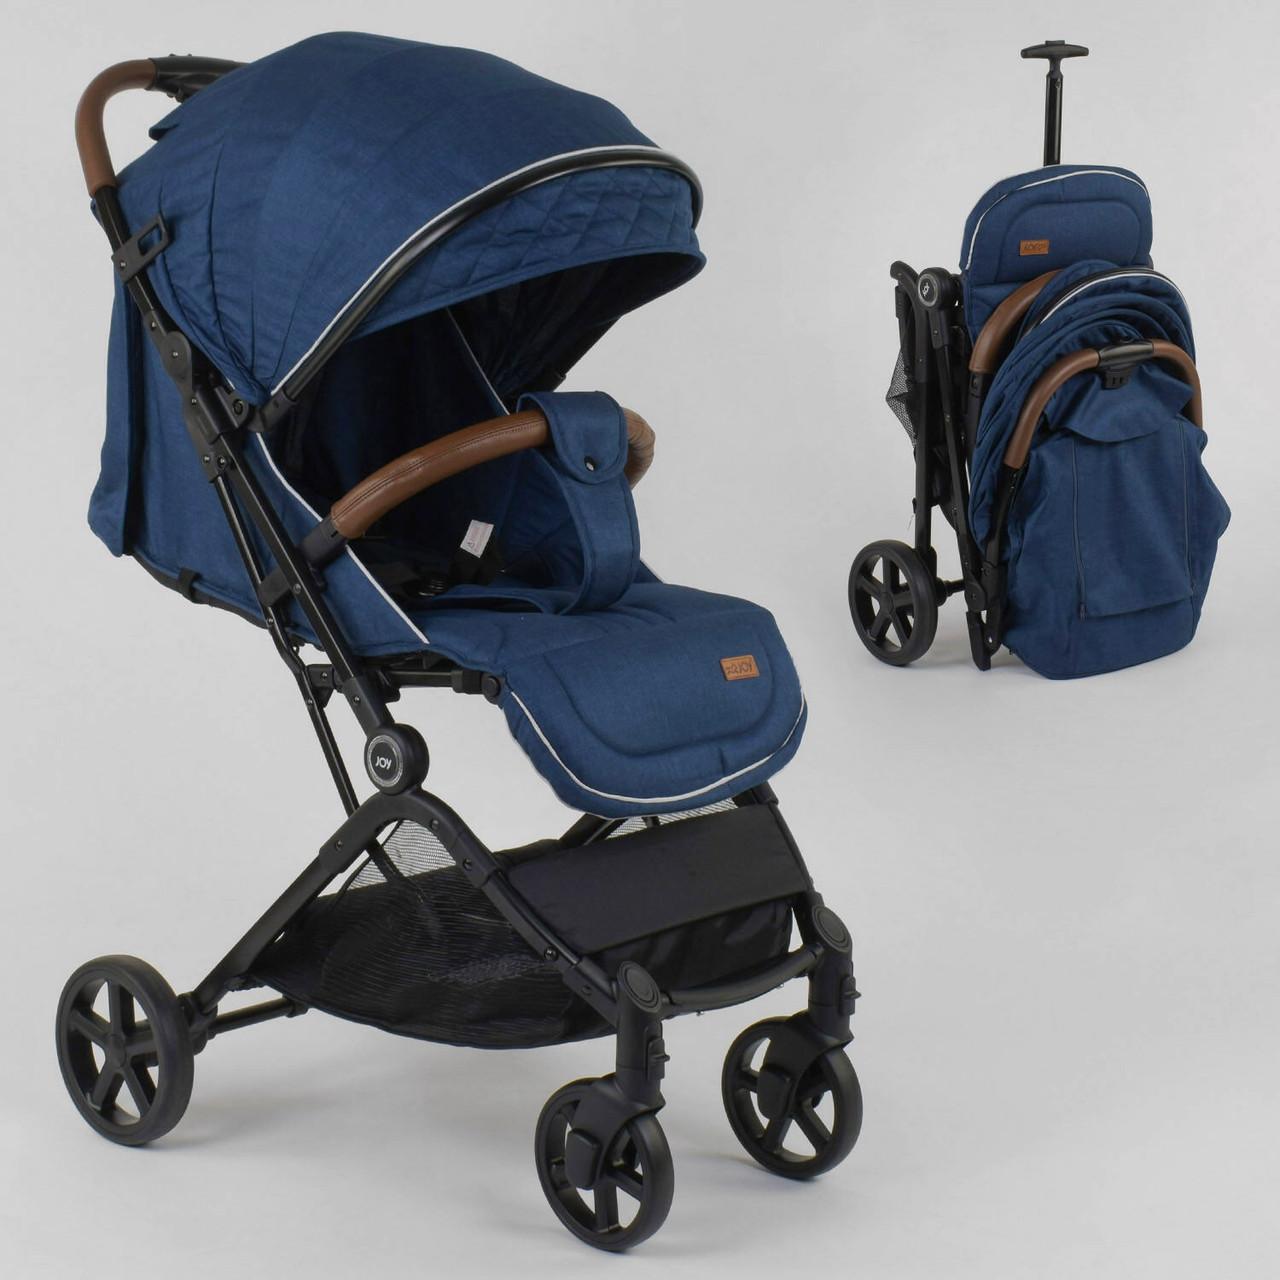 Дитяча прогулянкова коляска для хлопчика JOY C-1001 з телескопічною ручкою для перевезення, синя